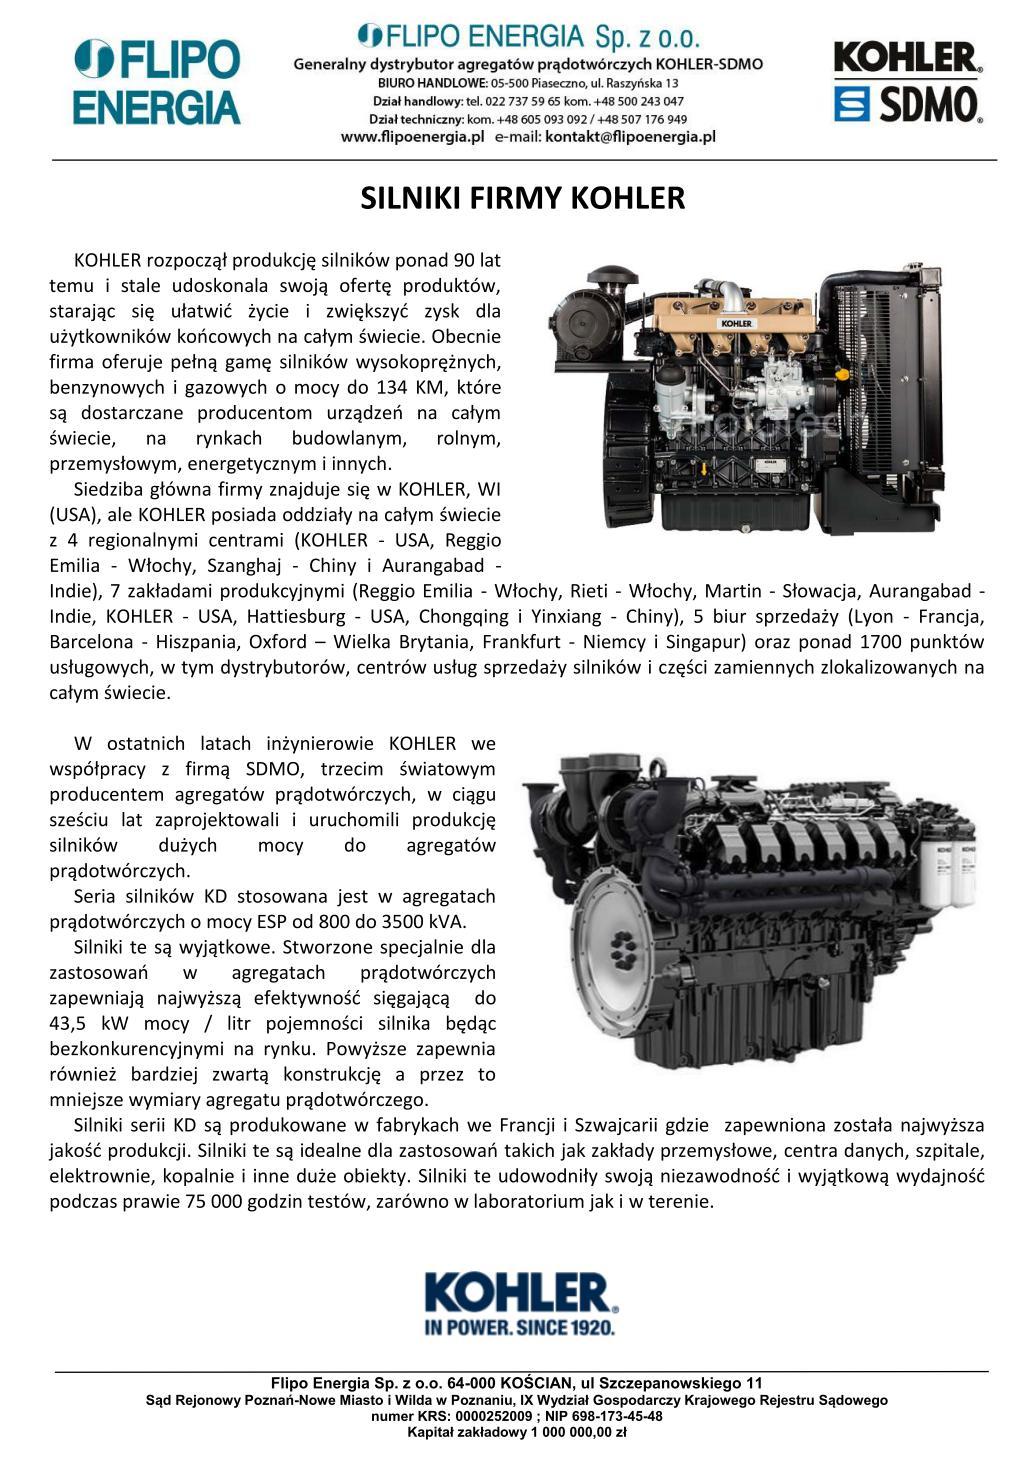 Silniki Kohler - krątka historia - 20200831